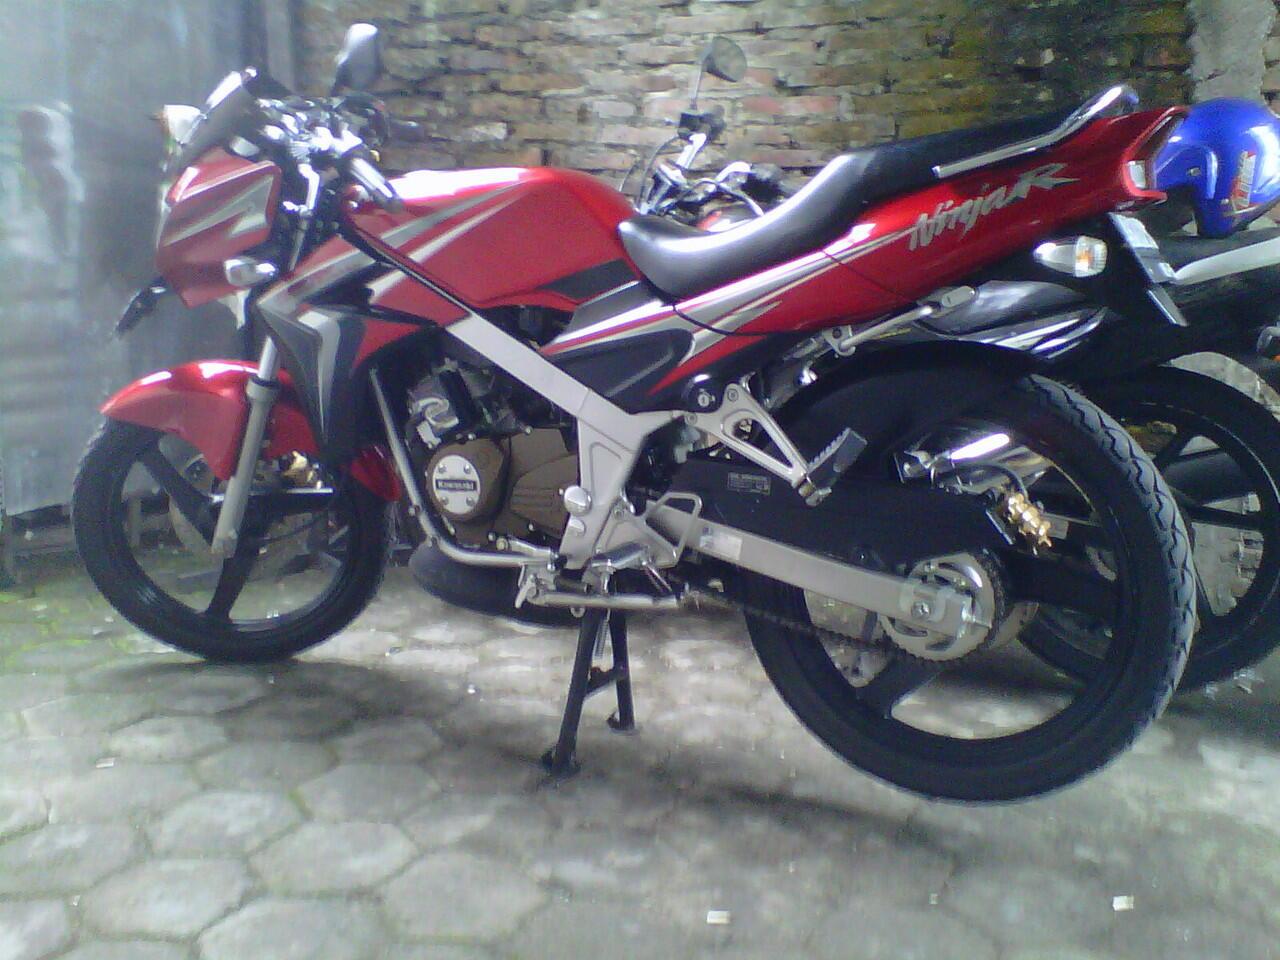 kawasaki ninja r 2010 merah